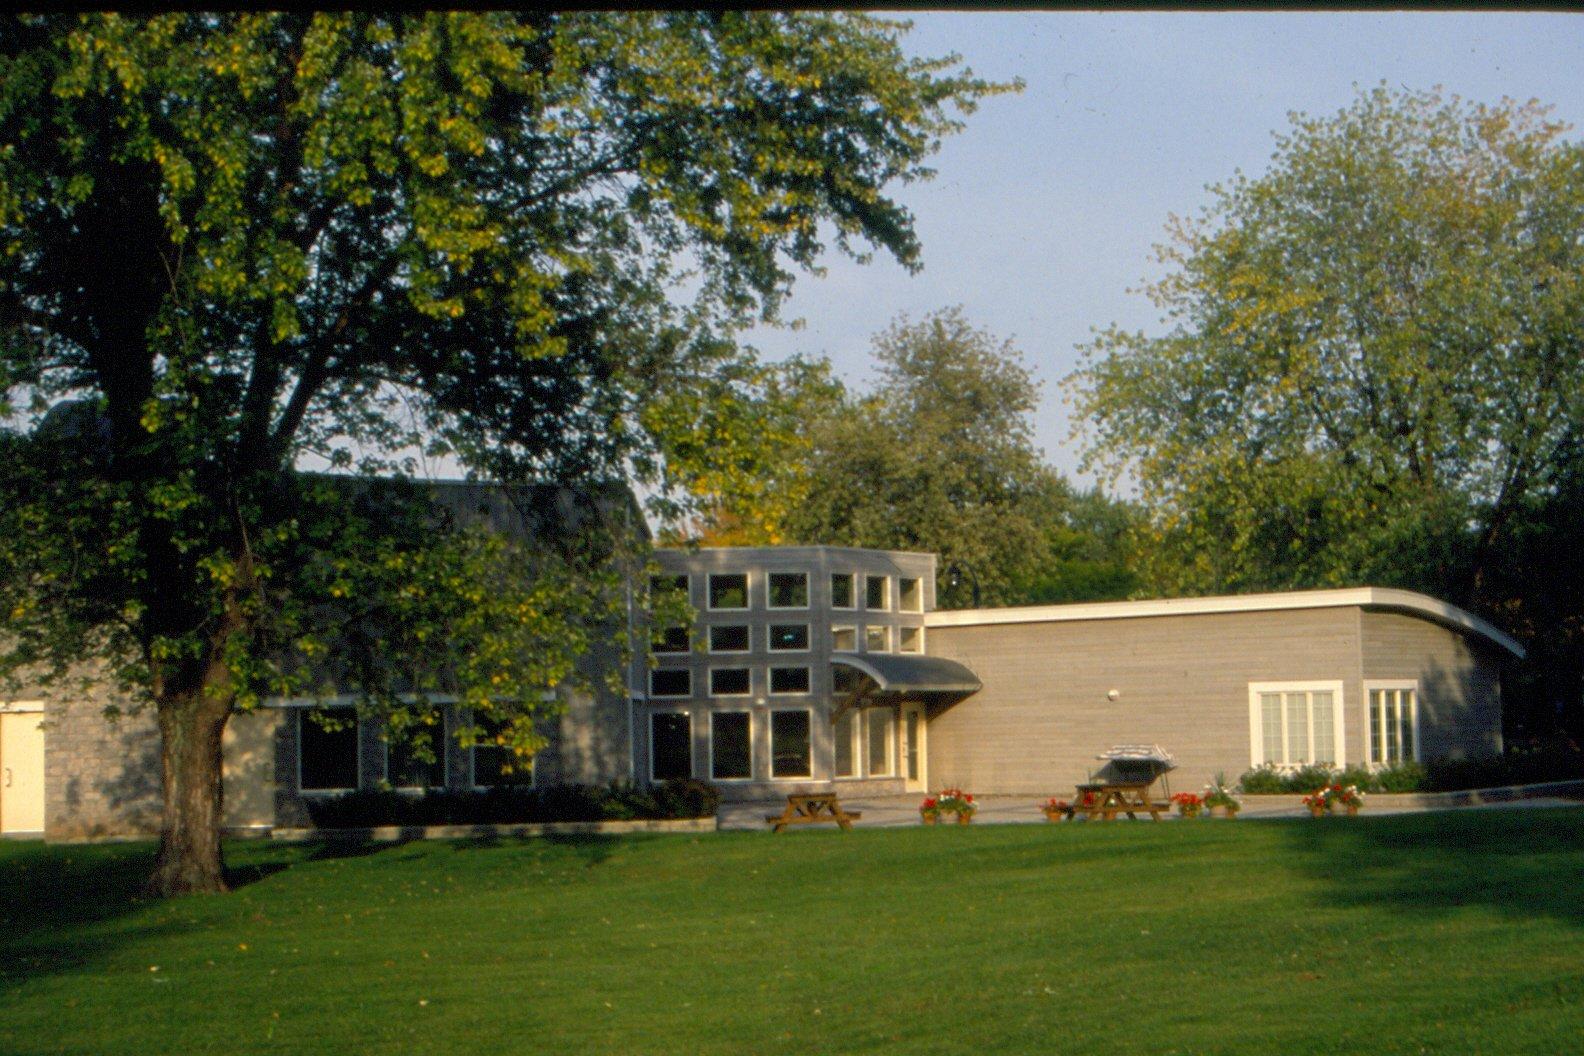 Sir Colborne Senior's Rec Centre